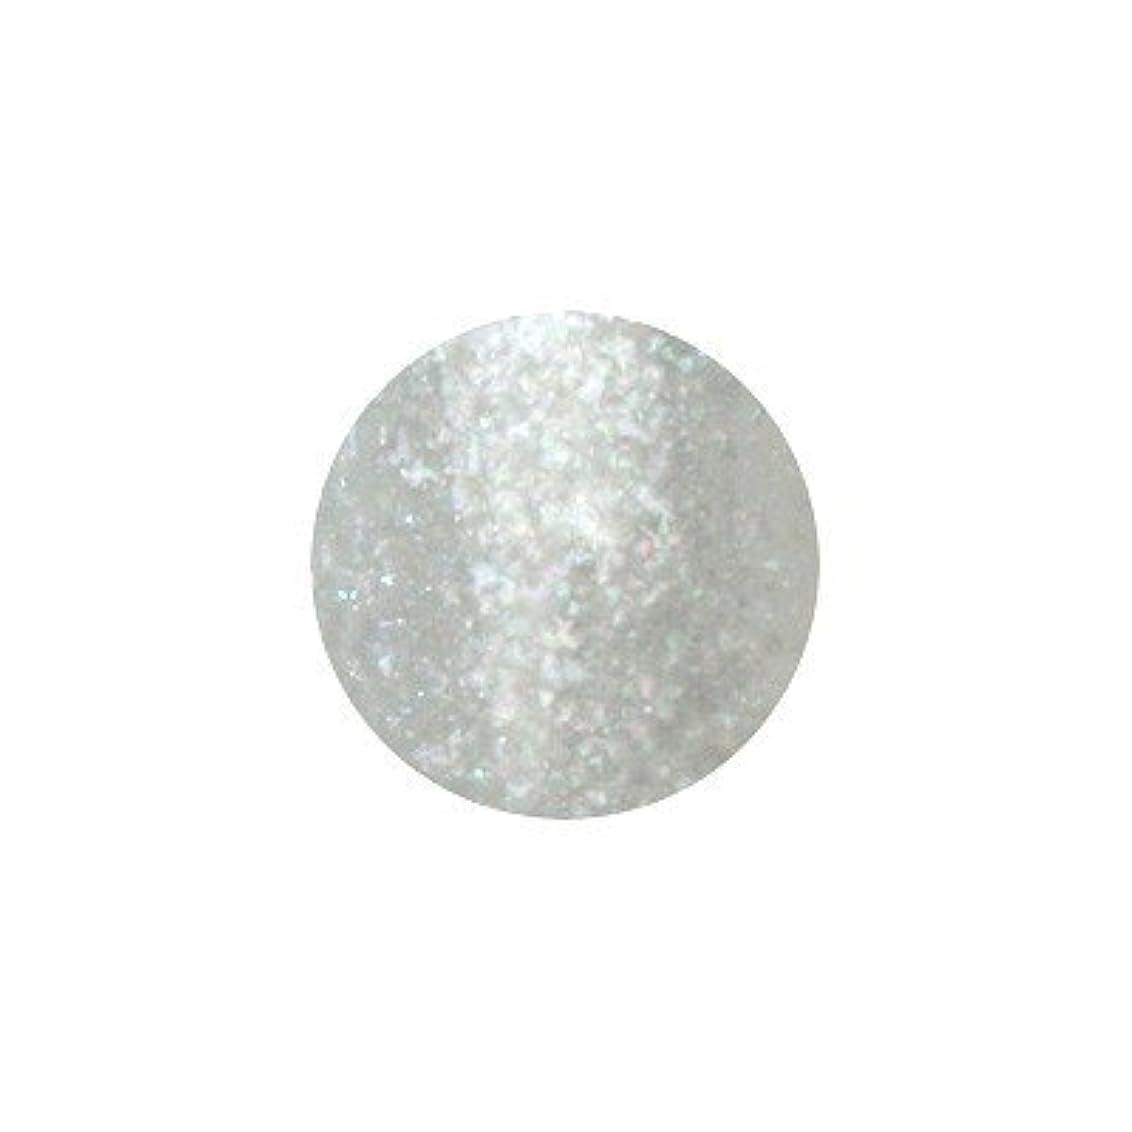 ミルパンフレット編集するsacra カラージェル No.045 ダイヤモンドダスト